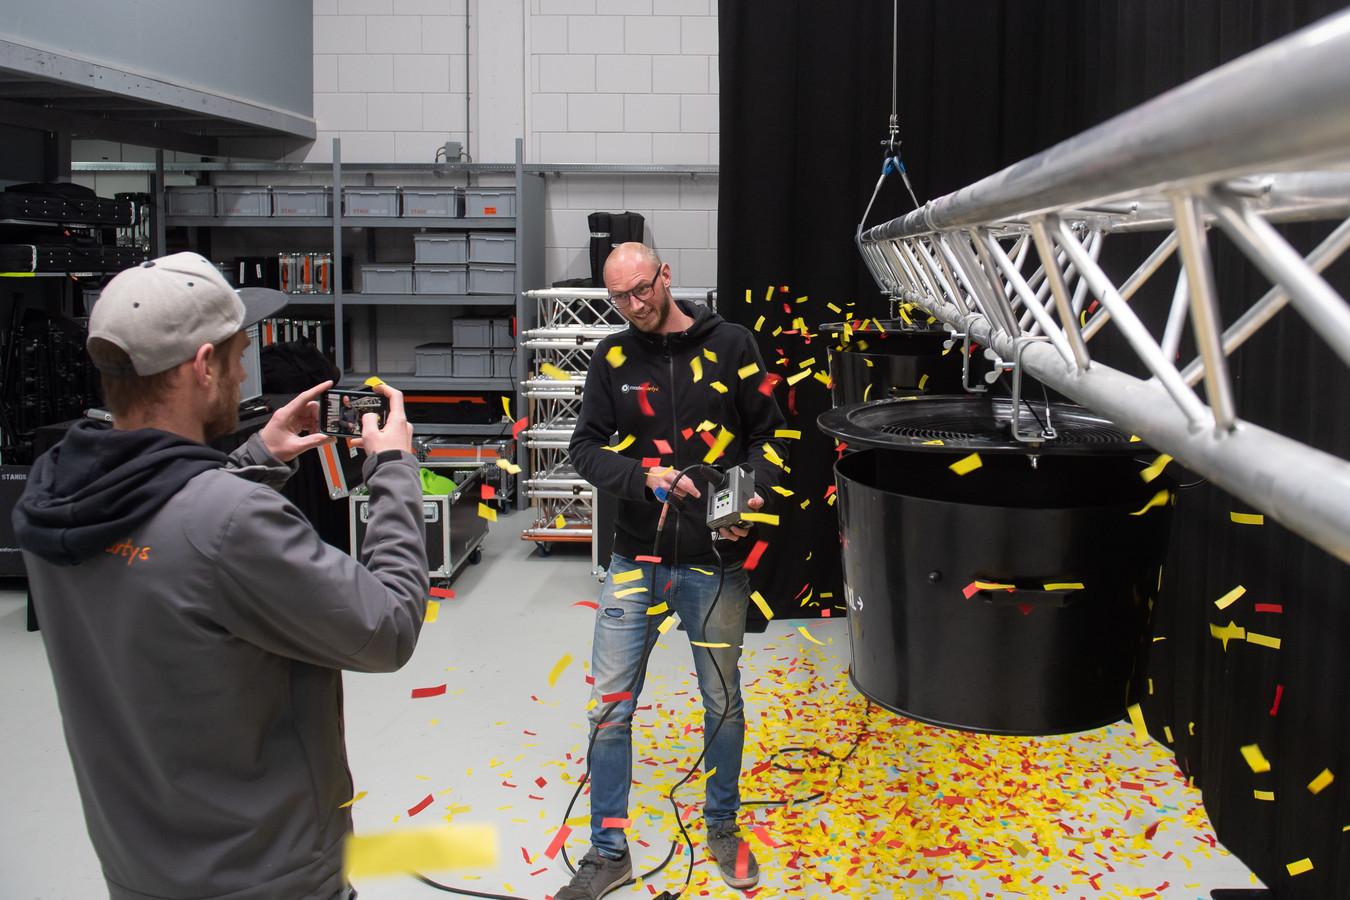 Nu alle opdrachten van Master Partys licht en geluid zijn gecanceld nemen Jeroen Onrust (r) en Luuk Kramer instructiefilmpjes op hoe de apparatuur te bedienen. In dit geval betreft het een confettimachine.